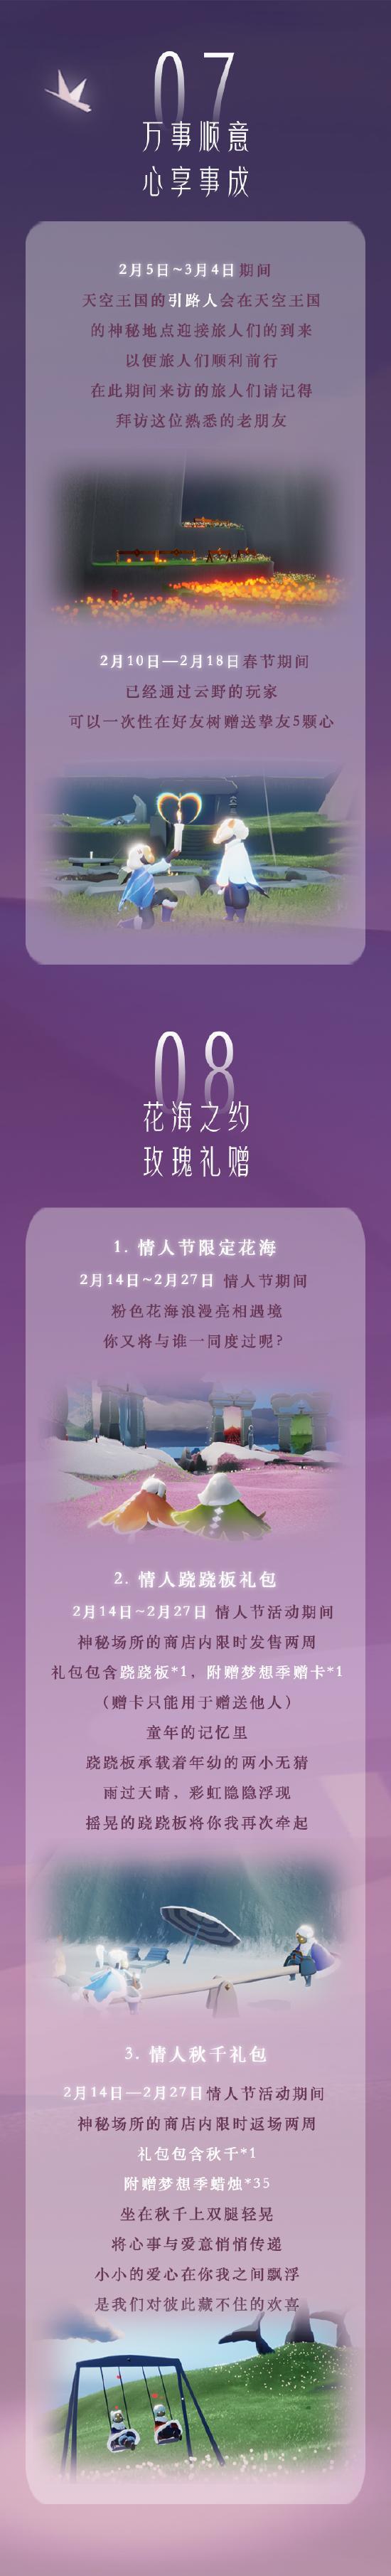 光遇2月3号公告 | 全新奇妙之旅:新春与梦想的双重惊喜